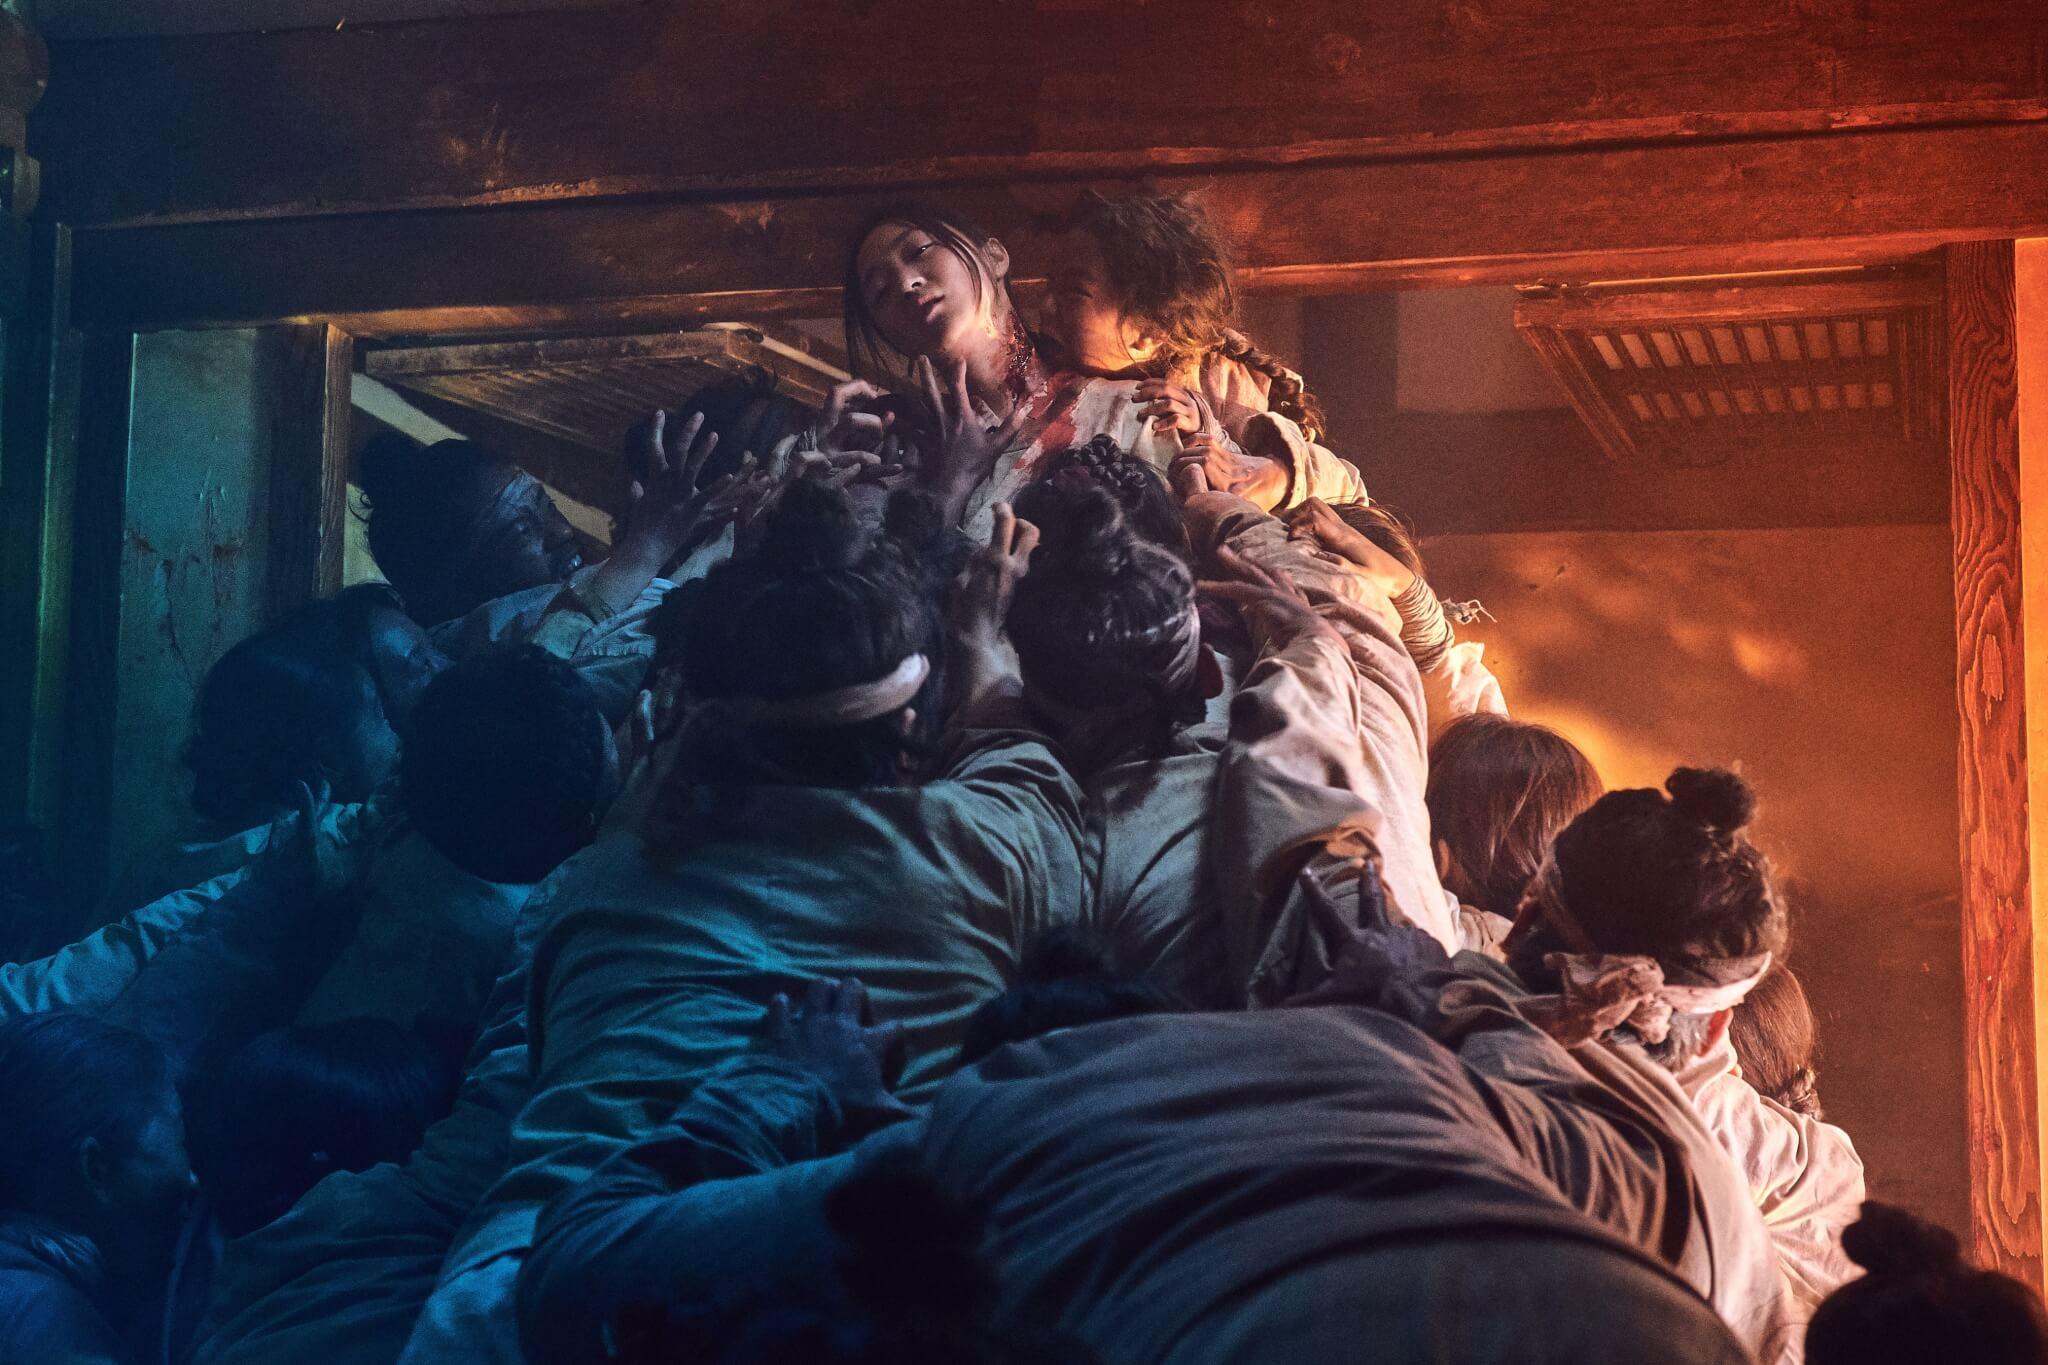 跟《屍殺列車》一樣,《李屍朝鮮》的喪屍群眾演員表現出色,製造了一幕幕驚嚇又經典的畫面。